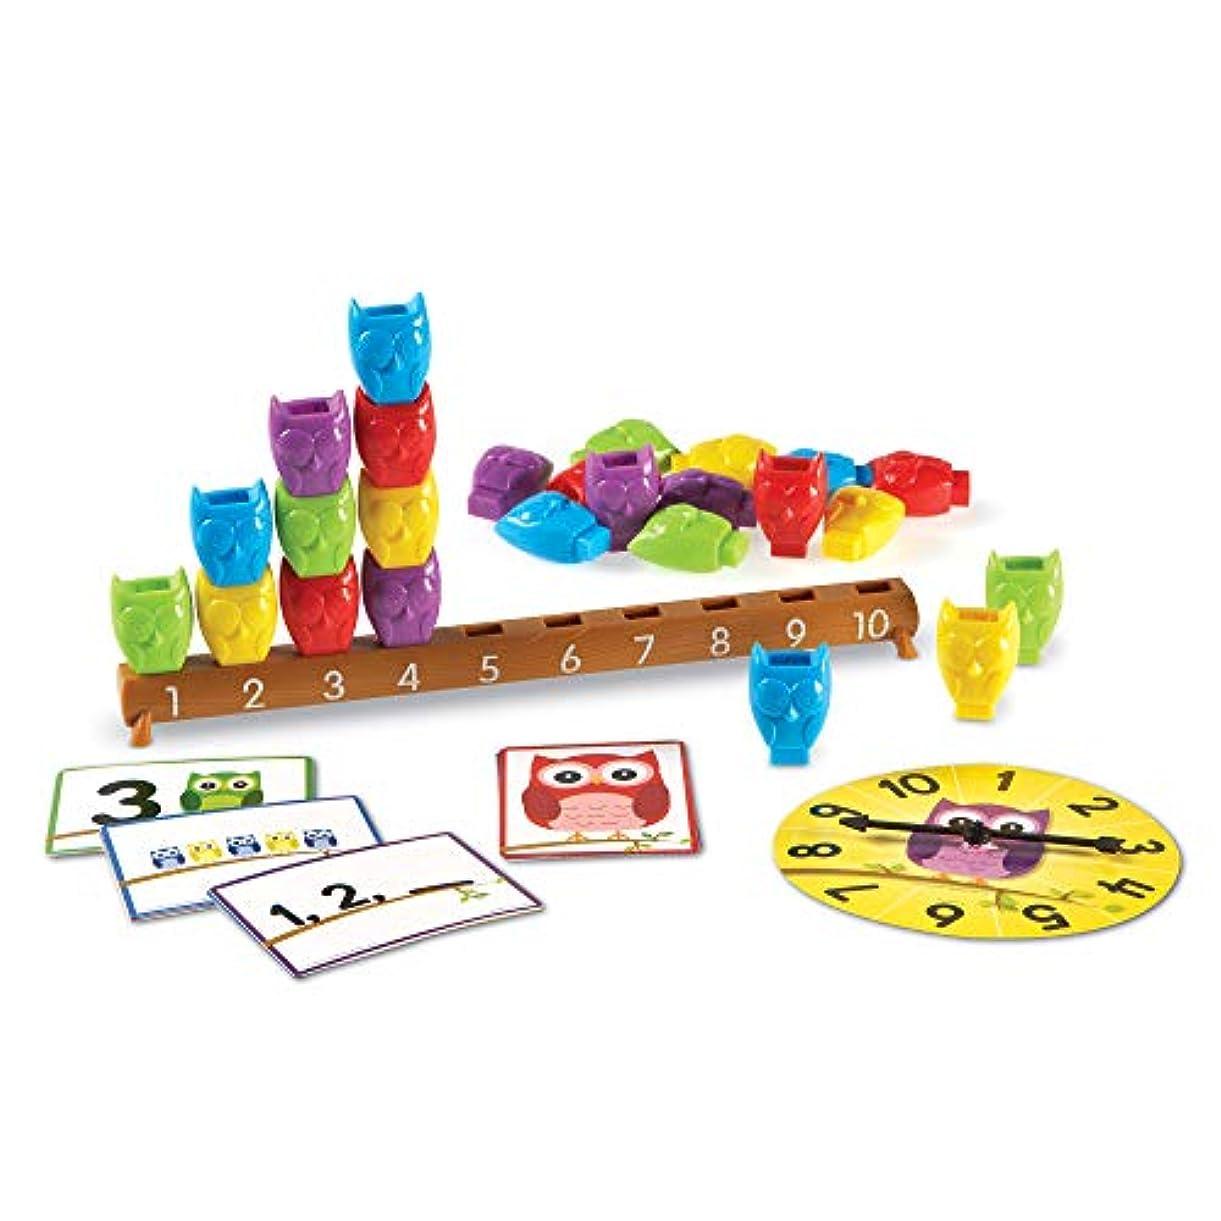 ドロースリッパ娯楽ラーニングリソーシズ 数遊び おもちゃ 1~10を覚えよう LER7732 正規品